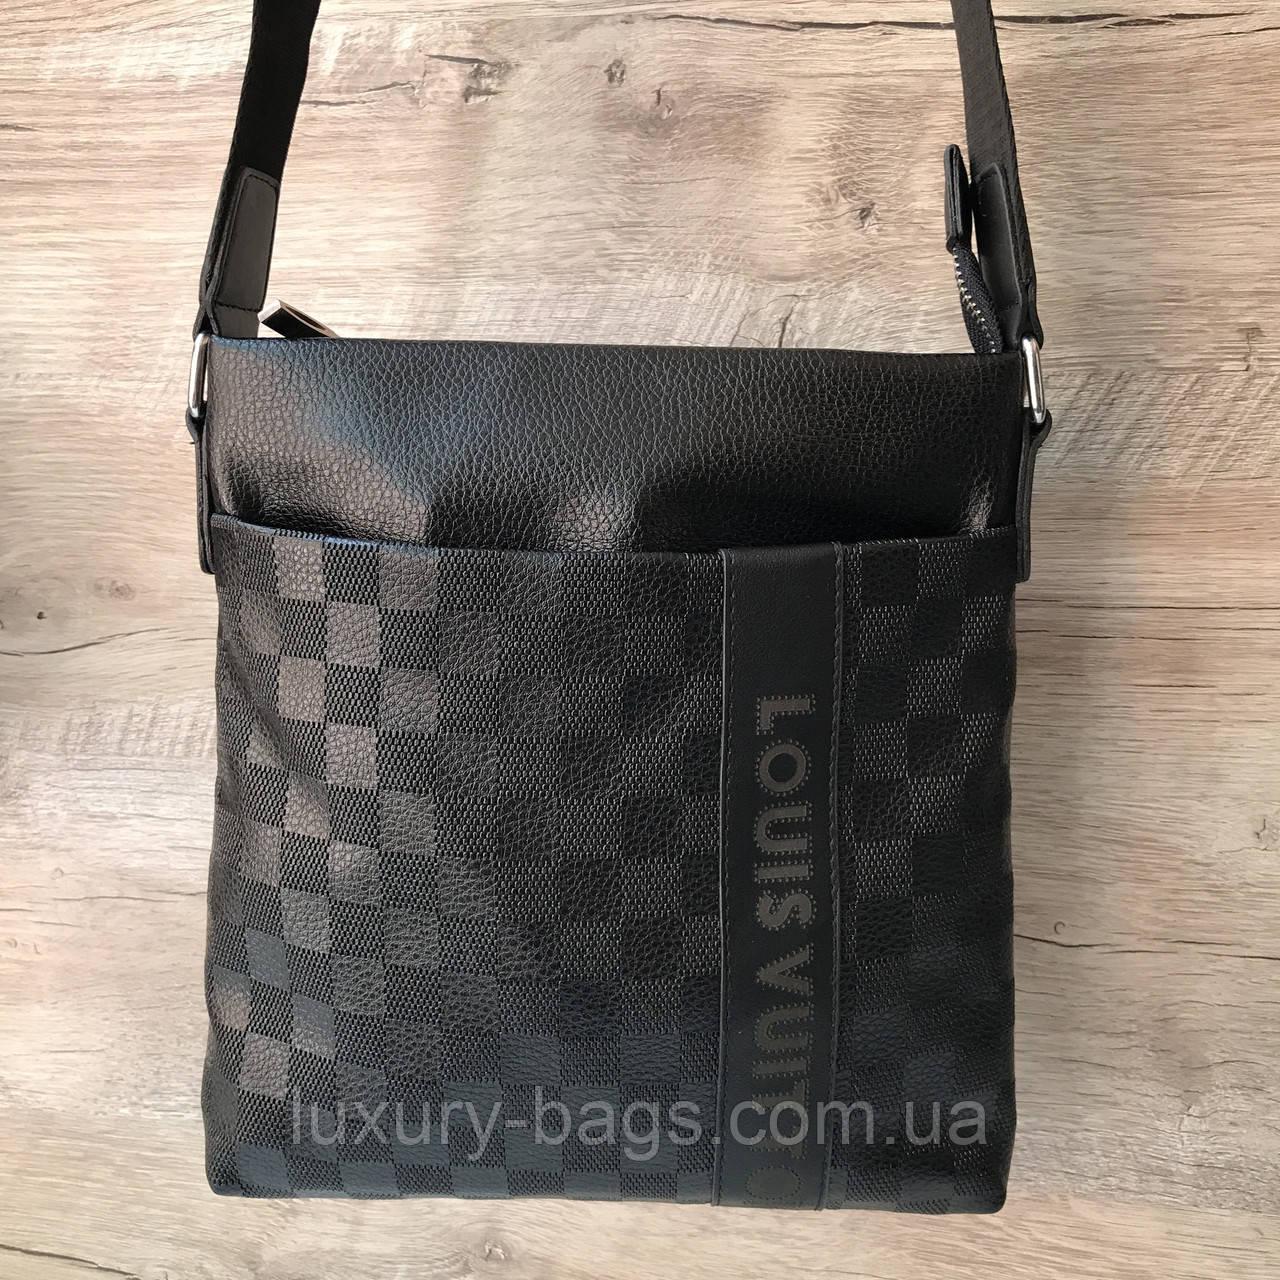 b28404deb7b2 Мужская сумка планшетка Louis Vuitton Луи Виттон через плечо ...